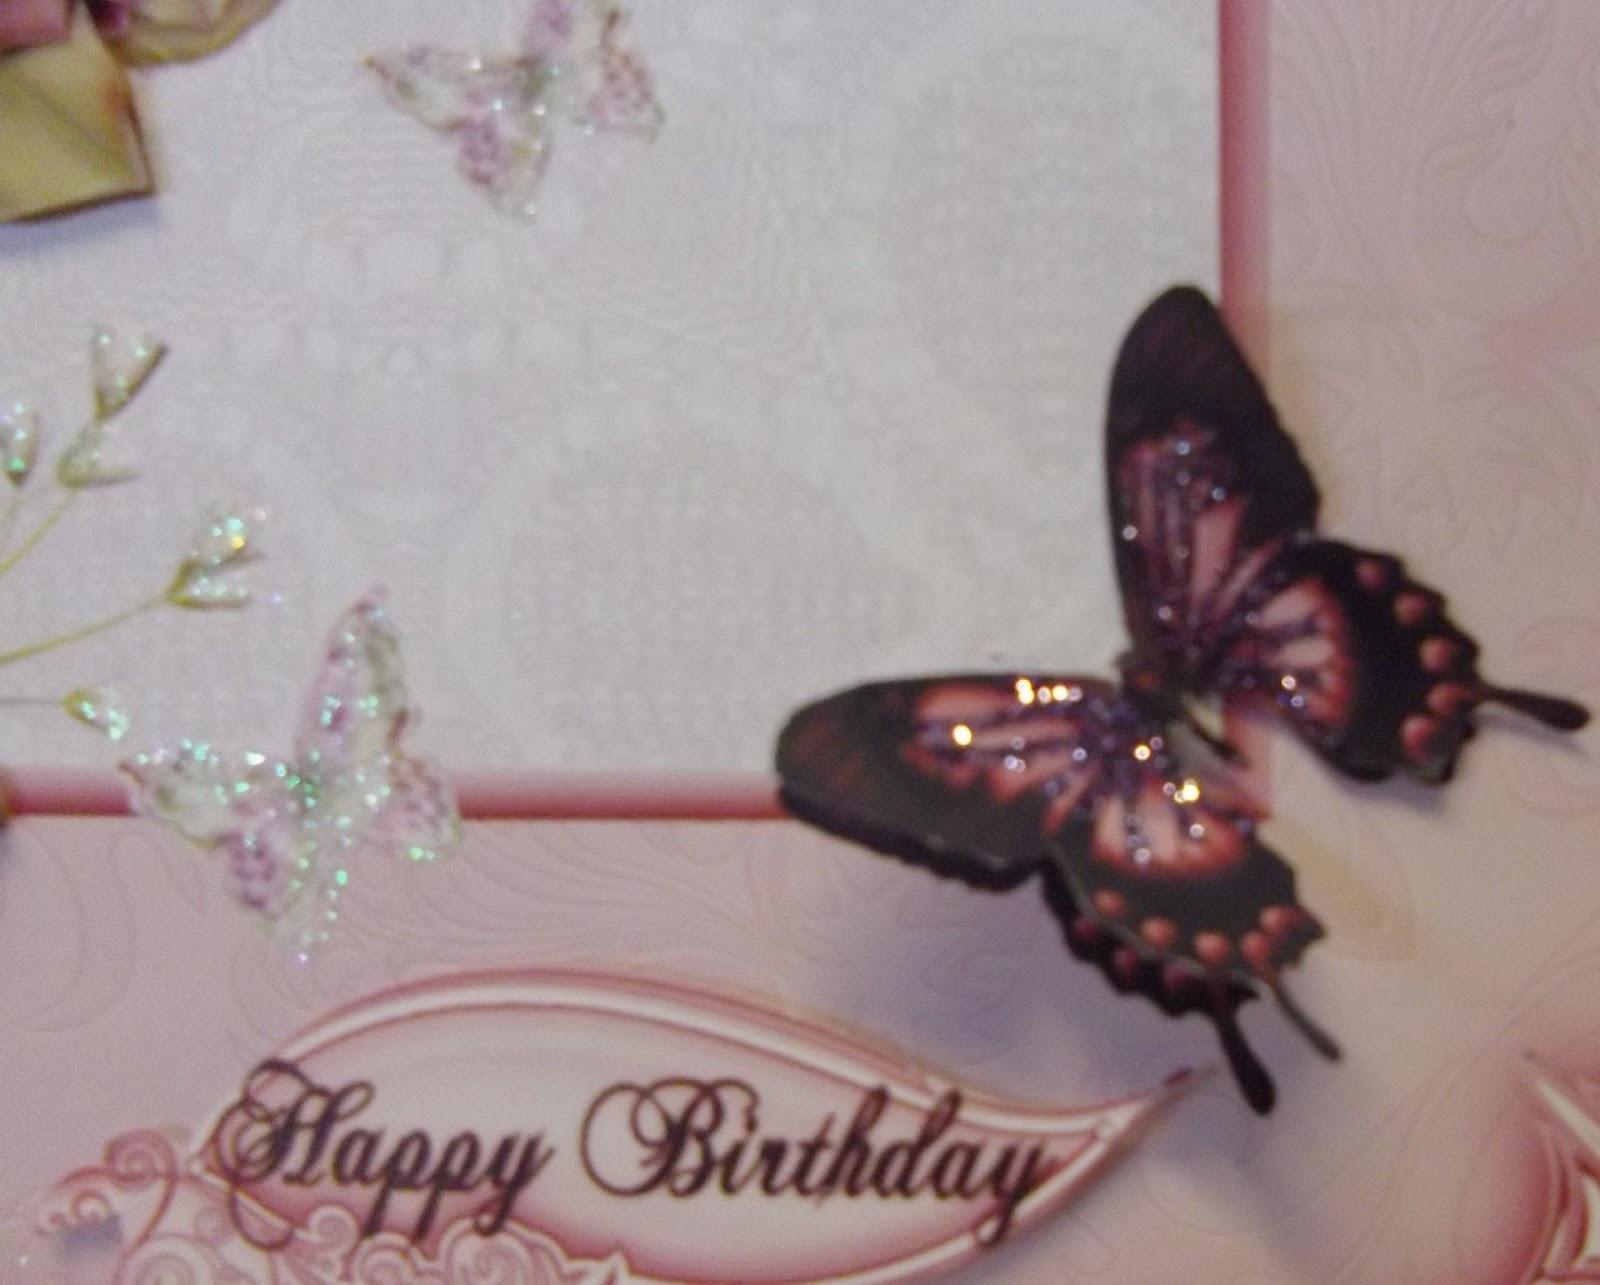 http://3.bp.blogspot.com/-rPOPqugDhYY/T15E85nxgbI/AAAAAAAAbR8/pGTYXT3S66Y/s1600/Rose+%2526+Butterfly+b.JPG